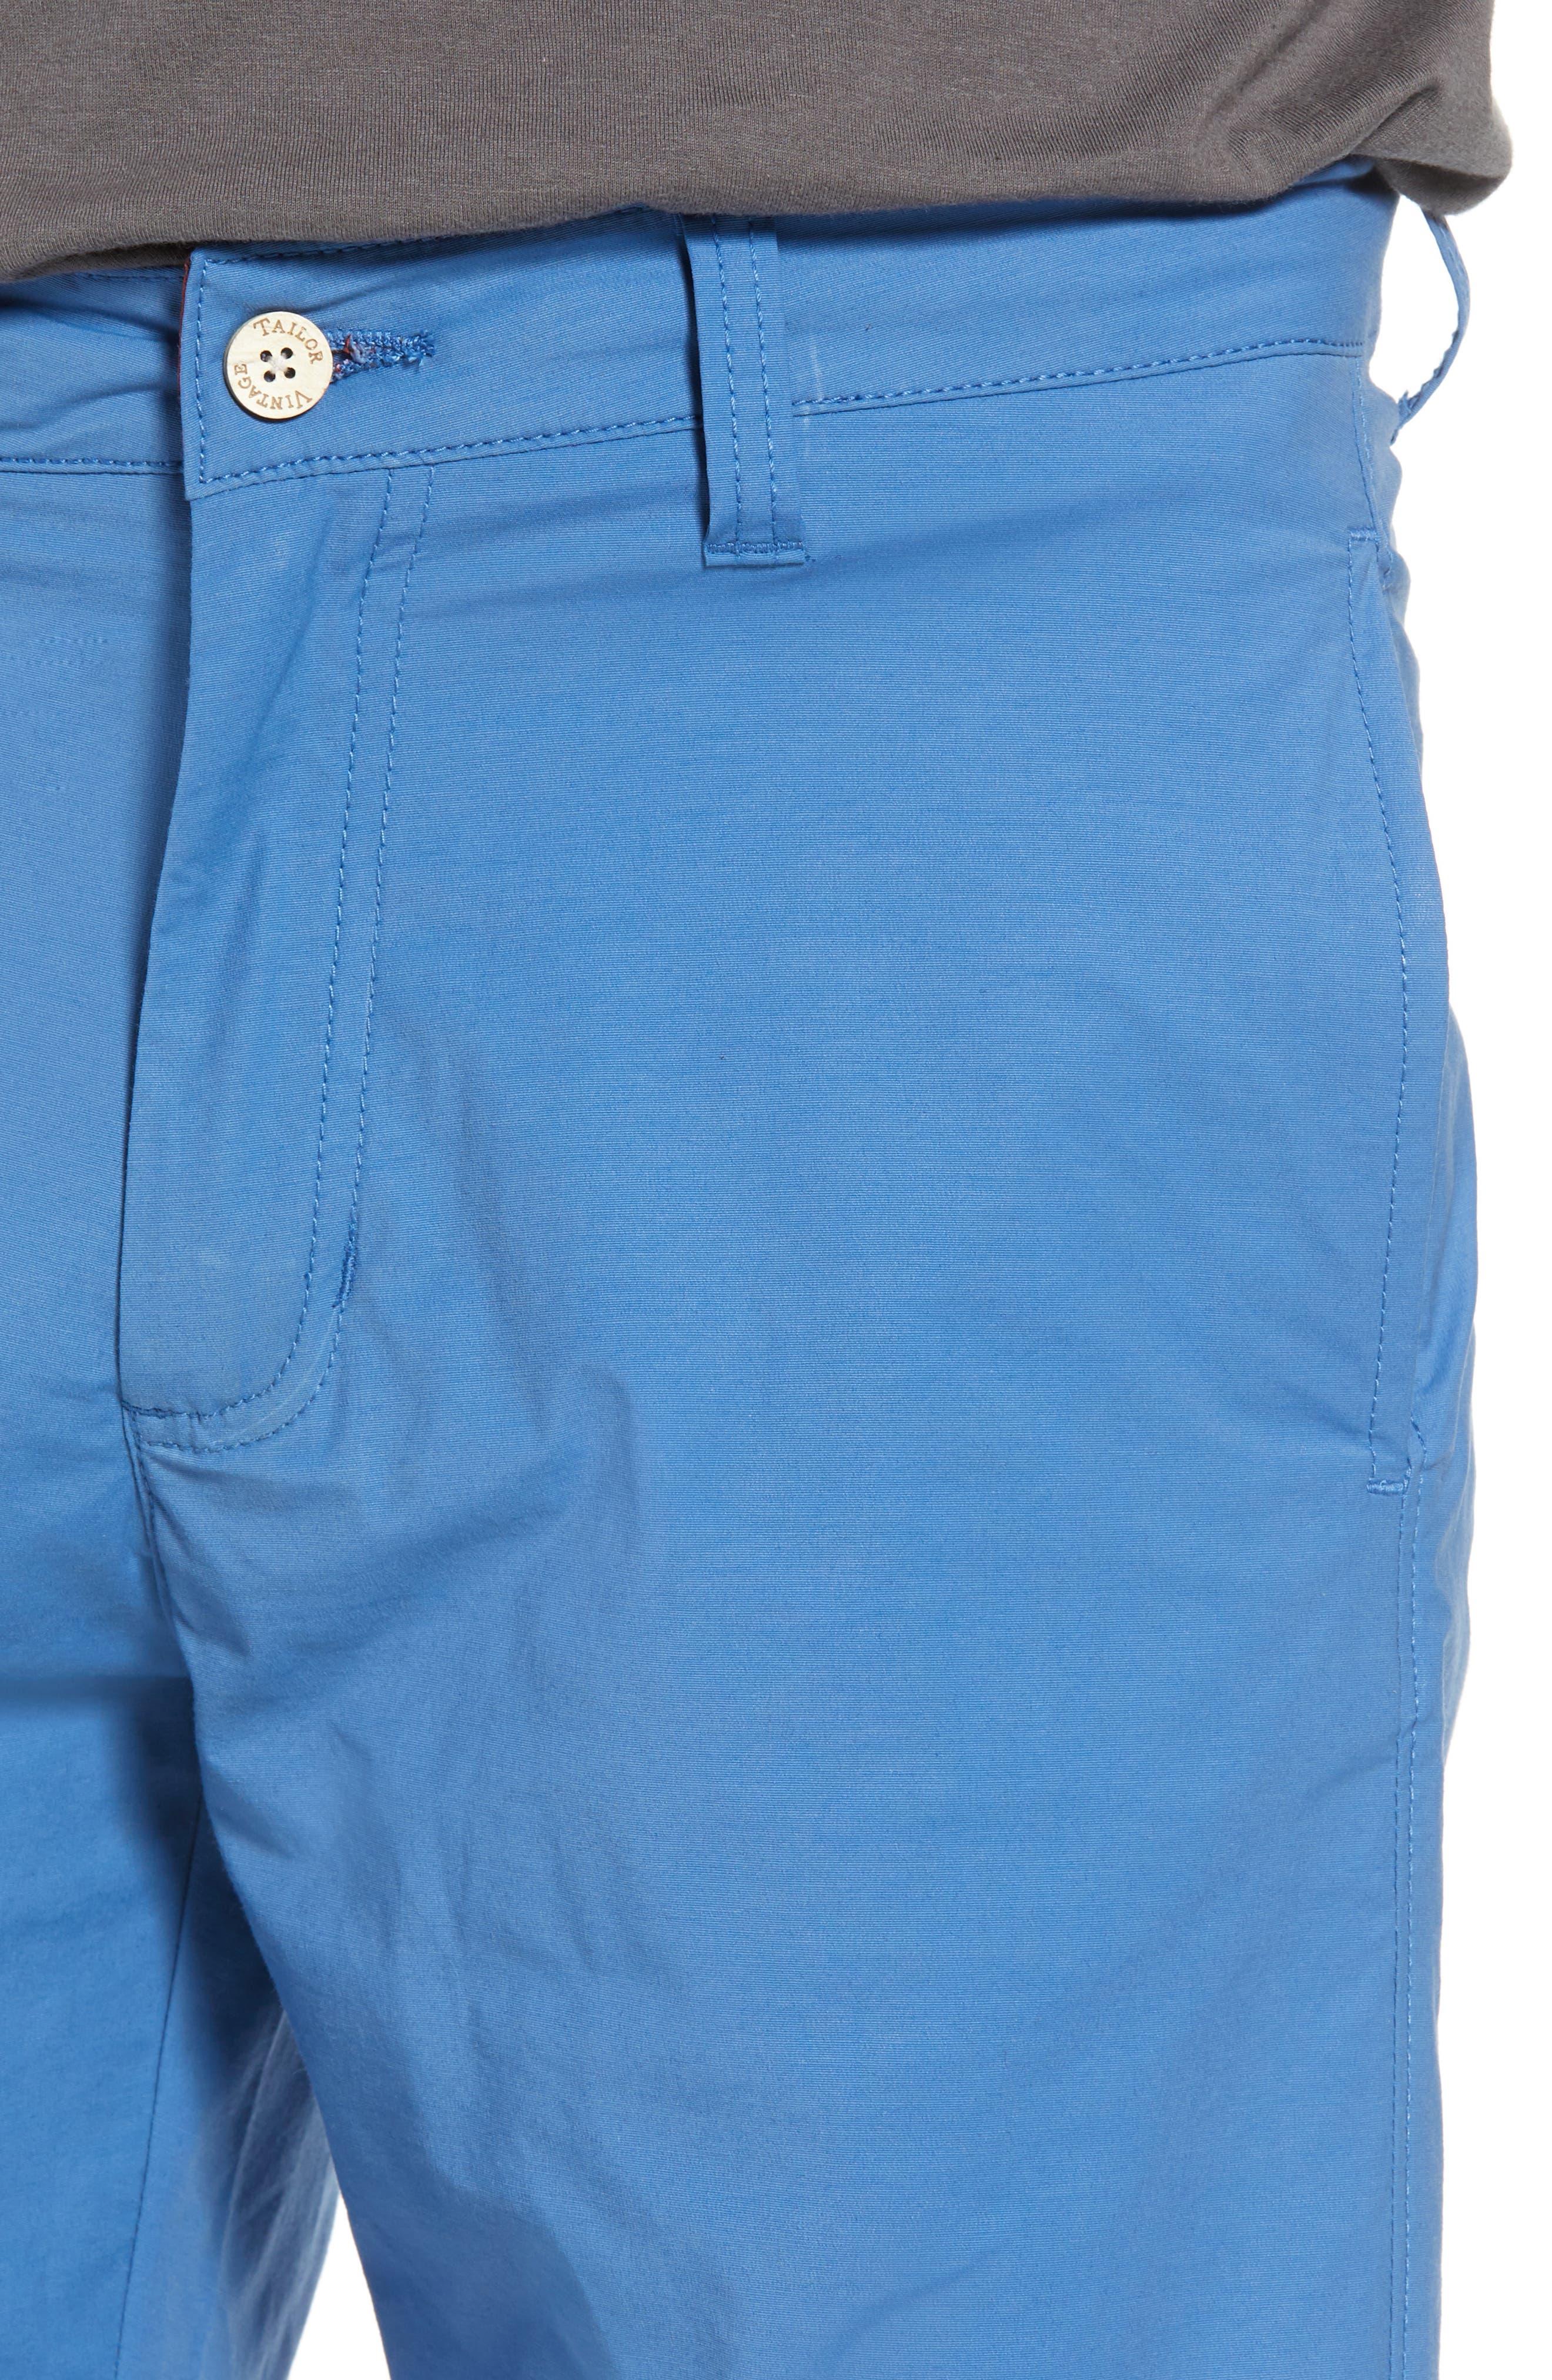 Stretch Cotton Blend Shorts,                             Alternate thumbnail 4, color,                             Delft